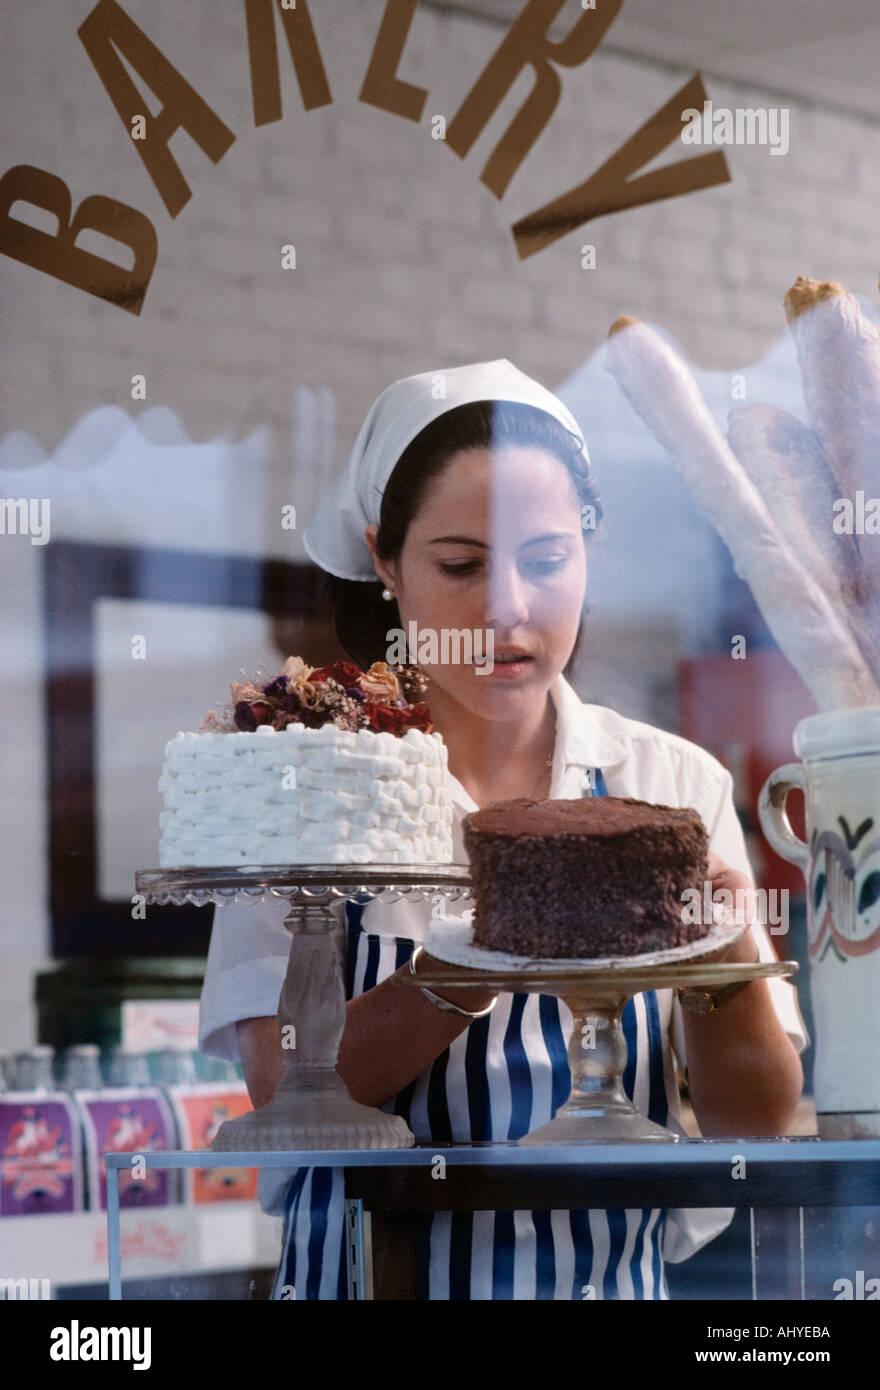 Caucasian propriétaire de petite entreprise en plaçant les produits de boulangerie dans la fenêtre de magasin de détail Photo Stock